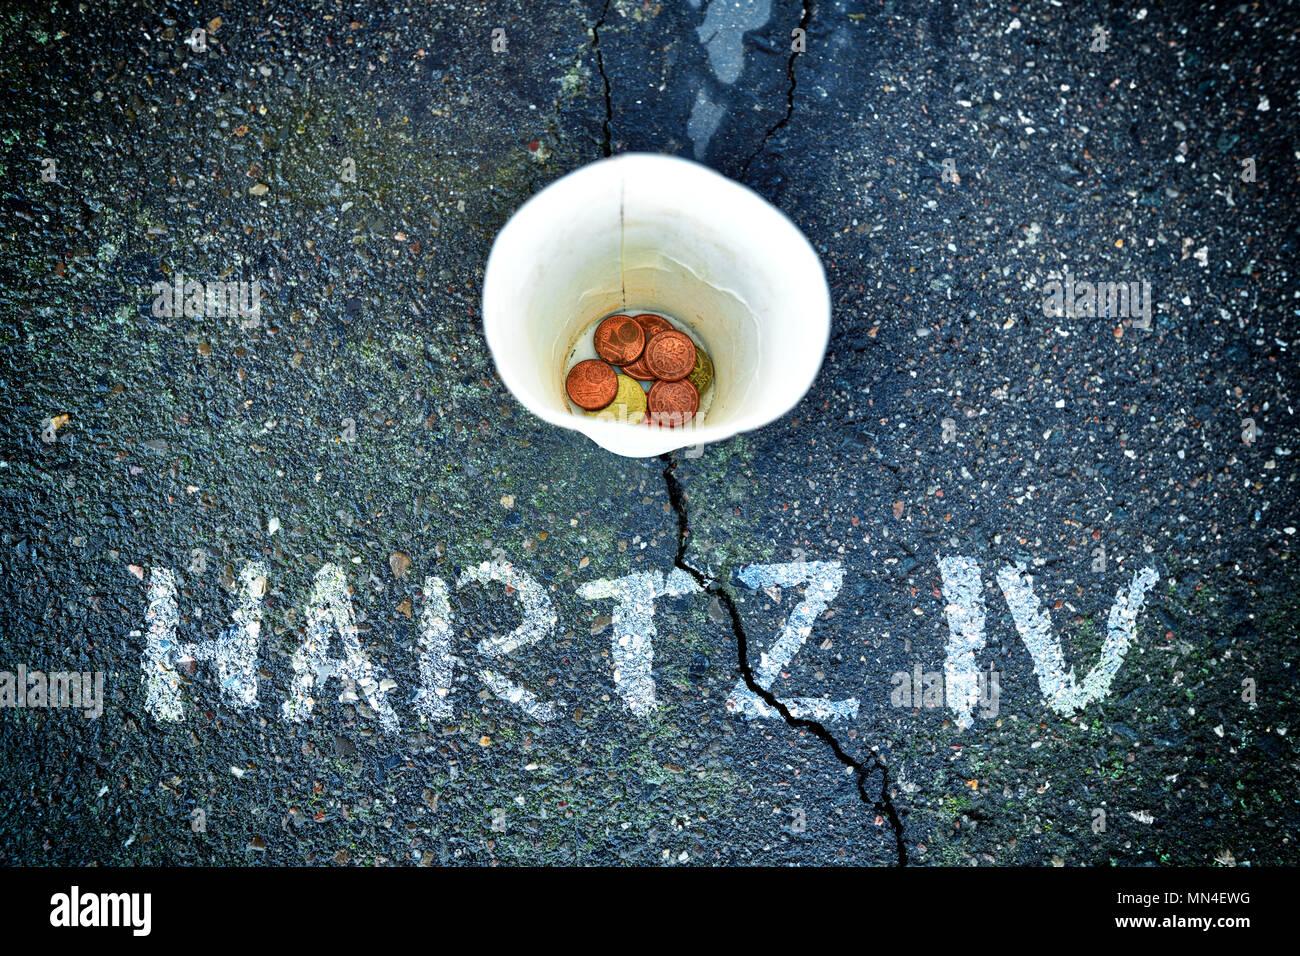 Donate money and cup with small lettering Hartz IV, Spendenbecher mit Kleingeld und Schriftzug Hartz IV - Stock Image